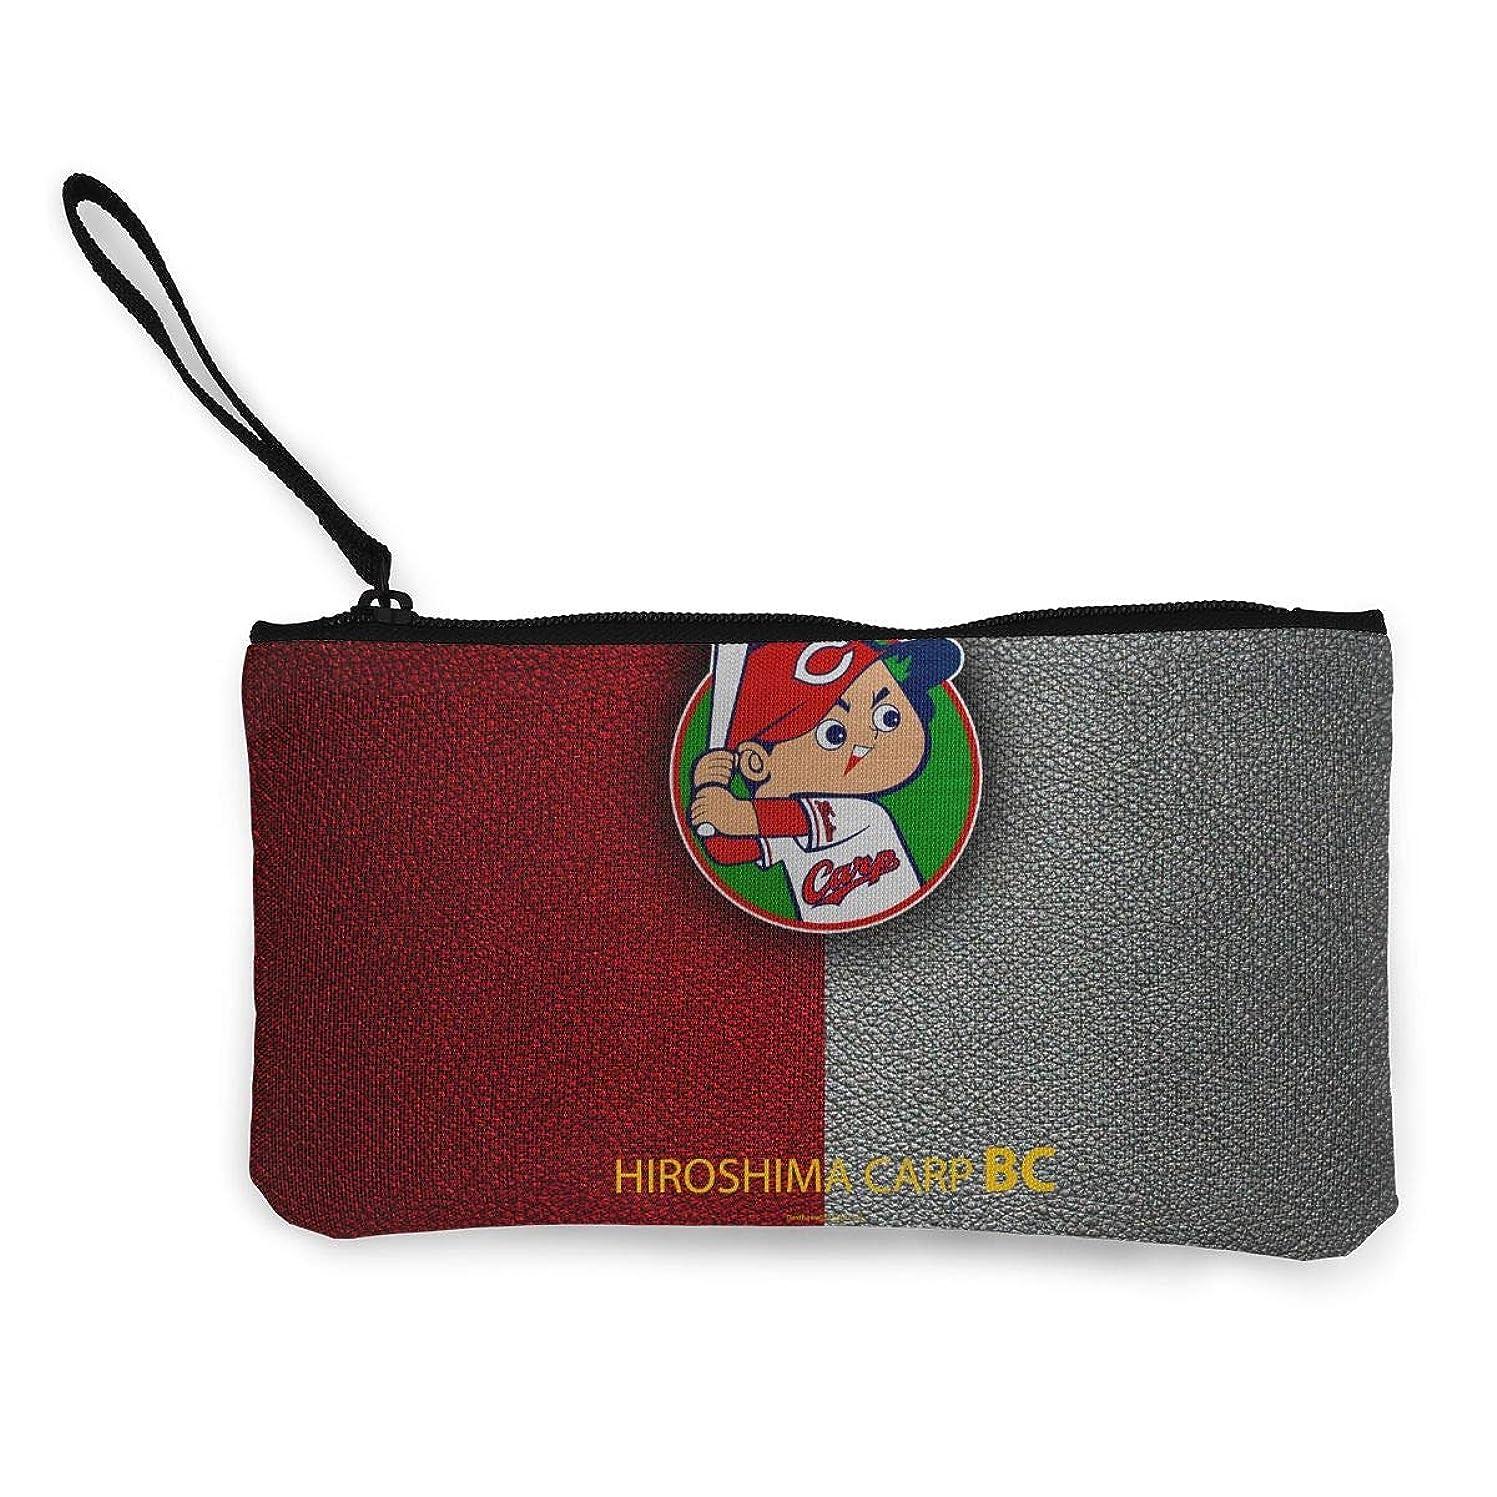 薬理学落ち込んでいる検証広島東洋カープ 小銭入れ ワレット 財布 キャンバス ジッパー付きハンド 大容量